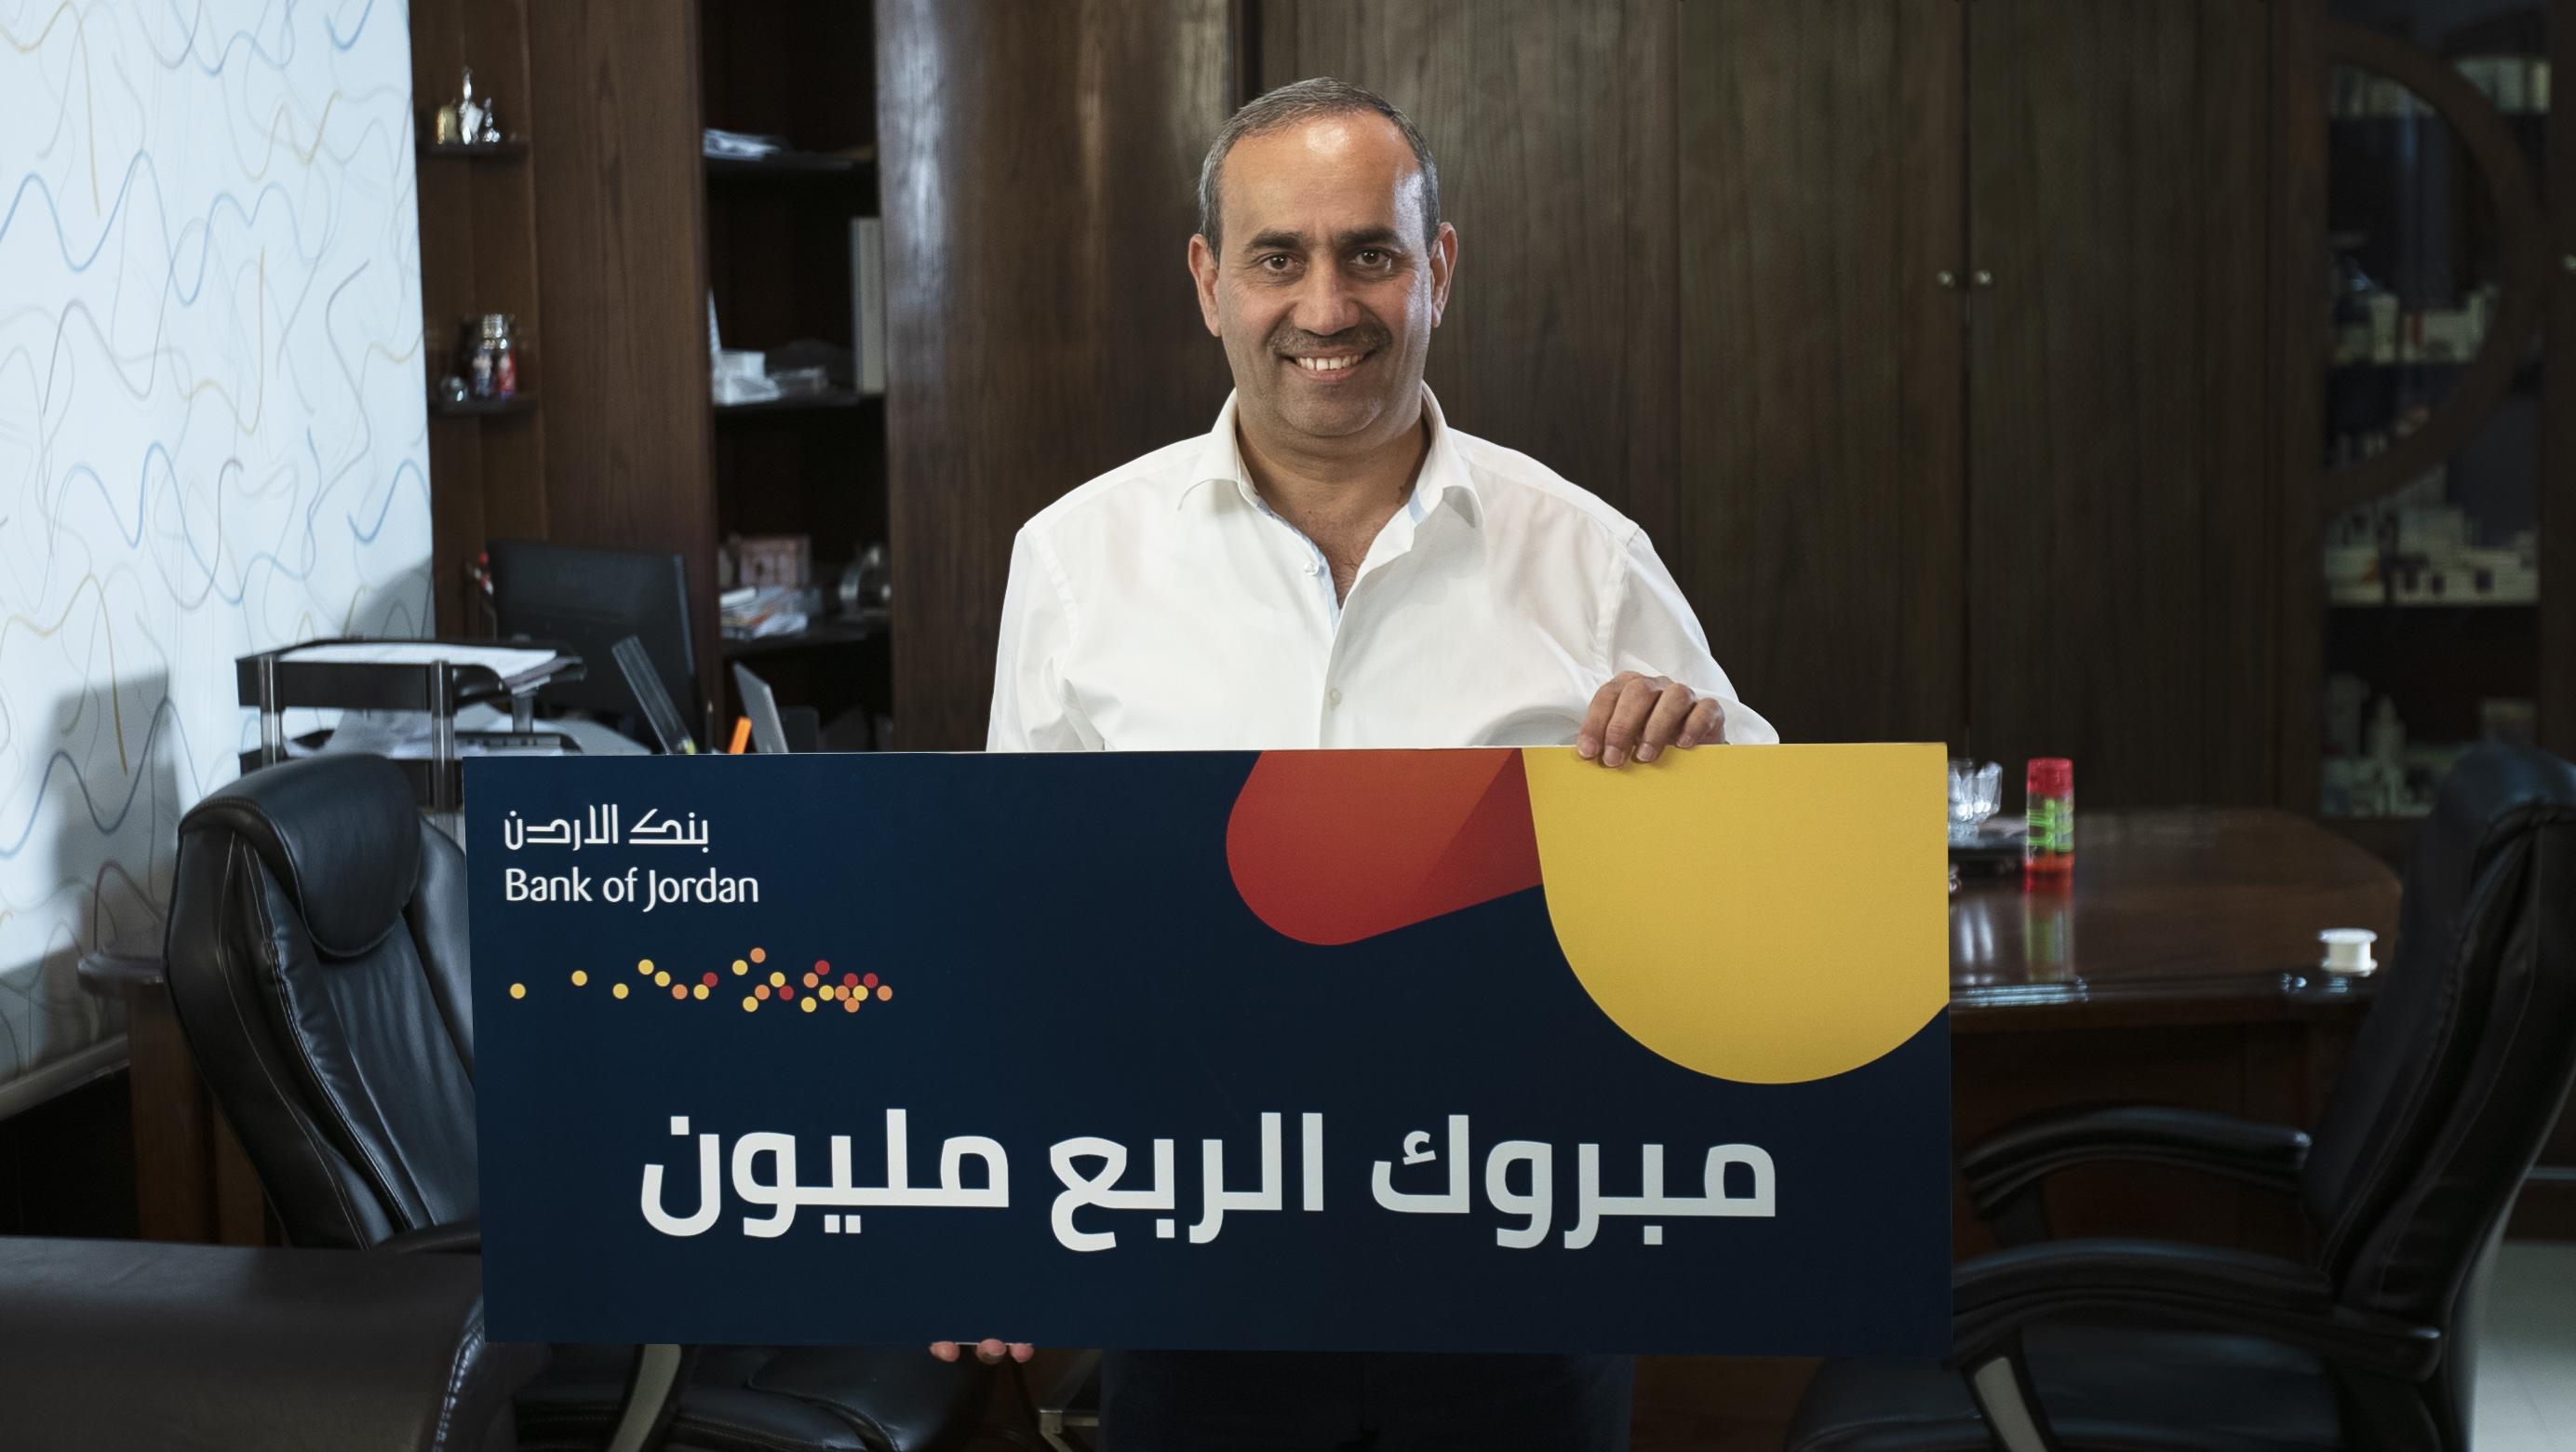 الدكتور سفيان رجب حسين الفائز الثالث عشر بجائزة حسابات التوفير من بنك الأردن والبالغة ربع مليون دينار